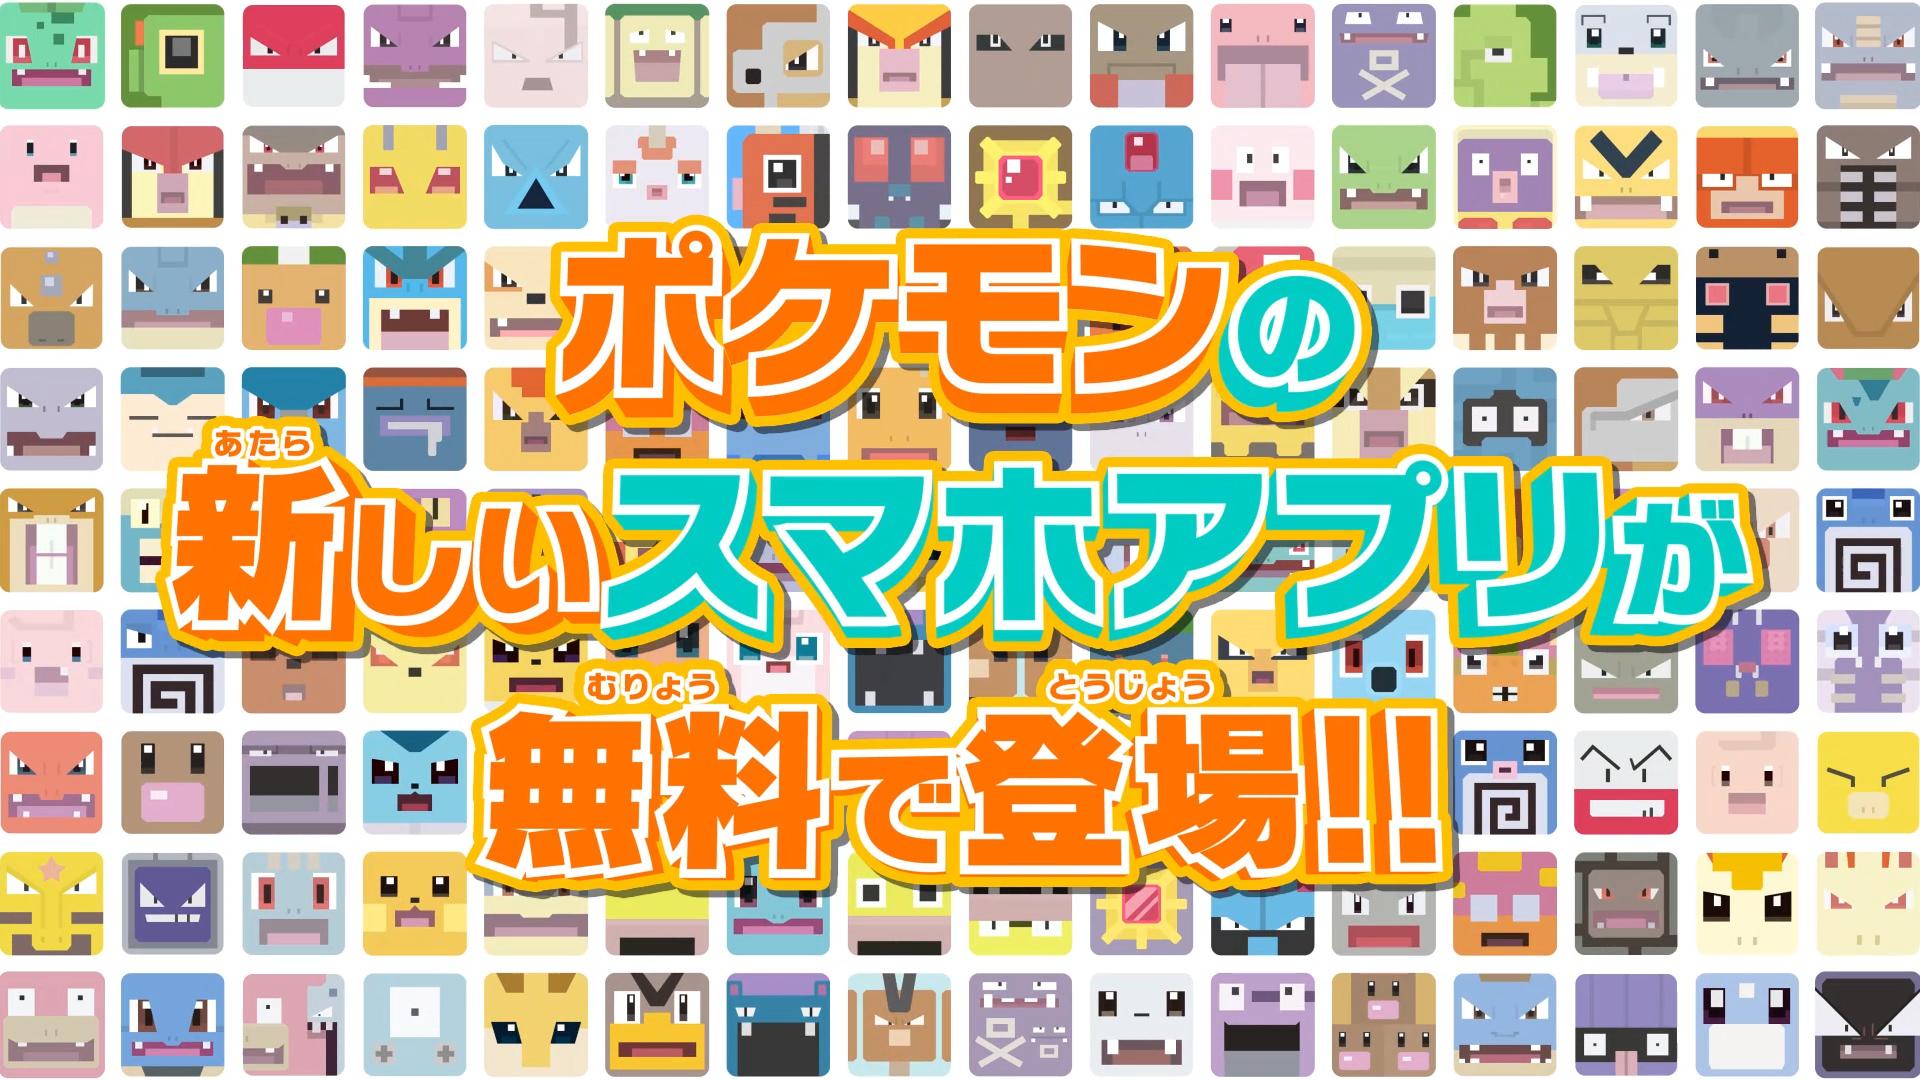 『ポケモンクエスト』が全世界累計750万ダウンロード突破!